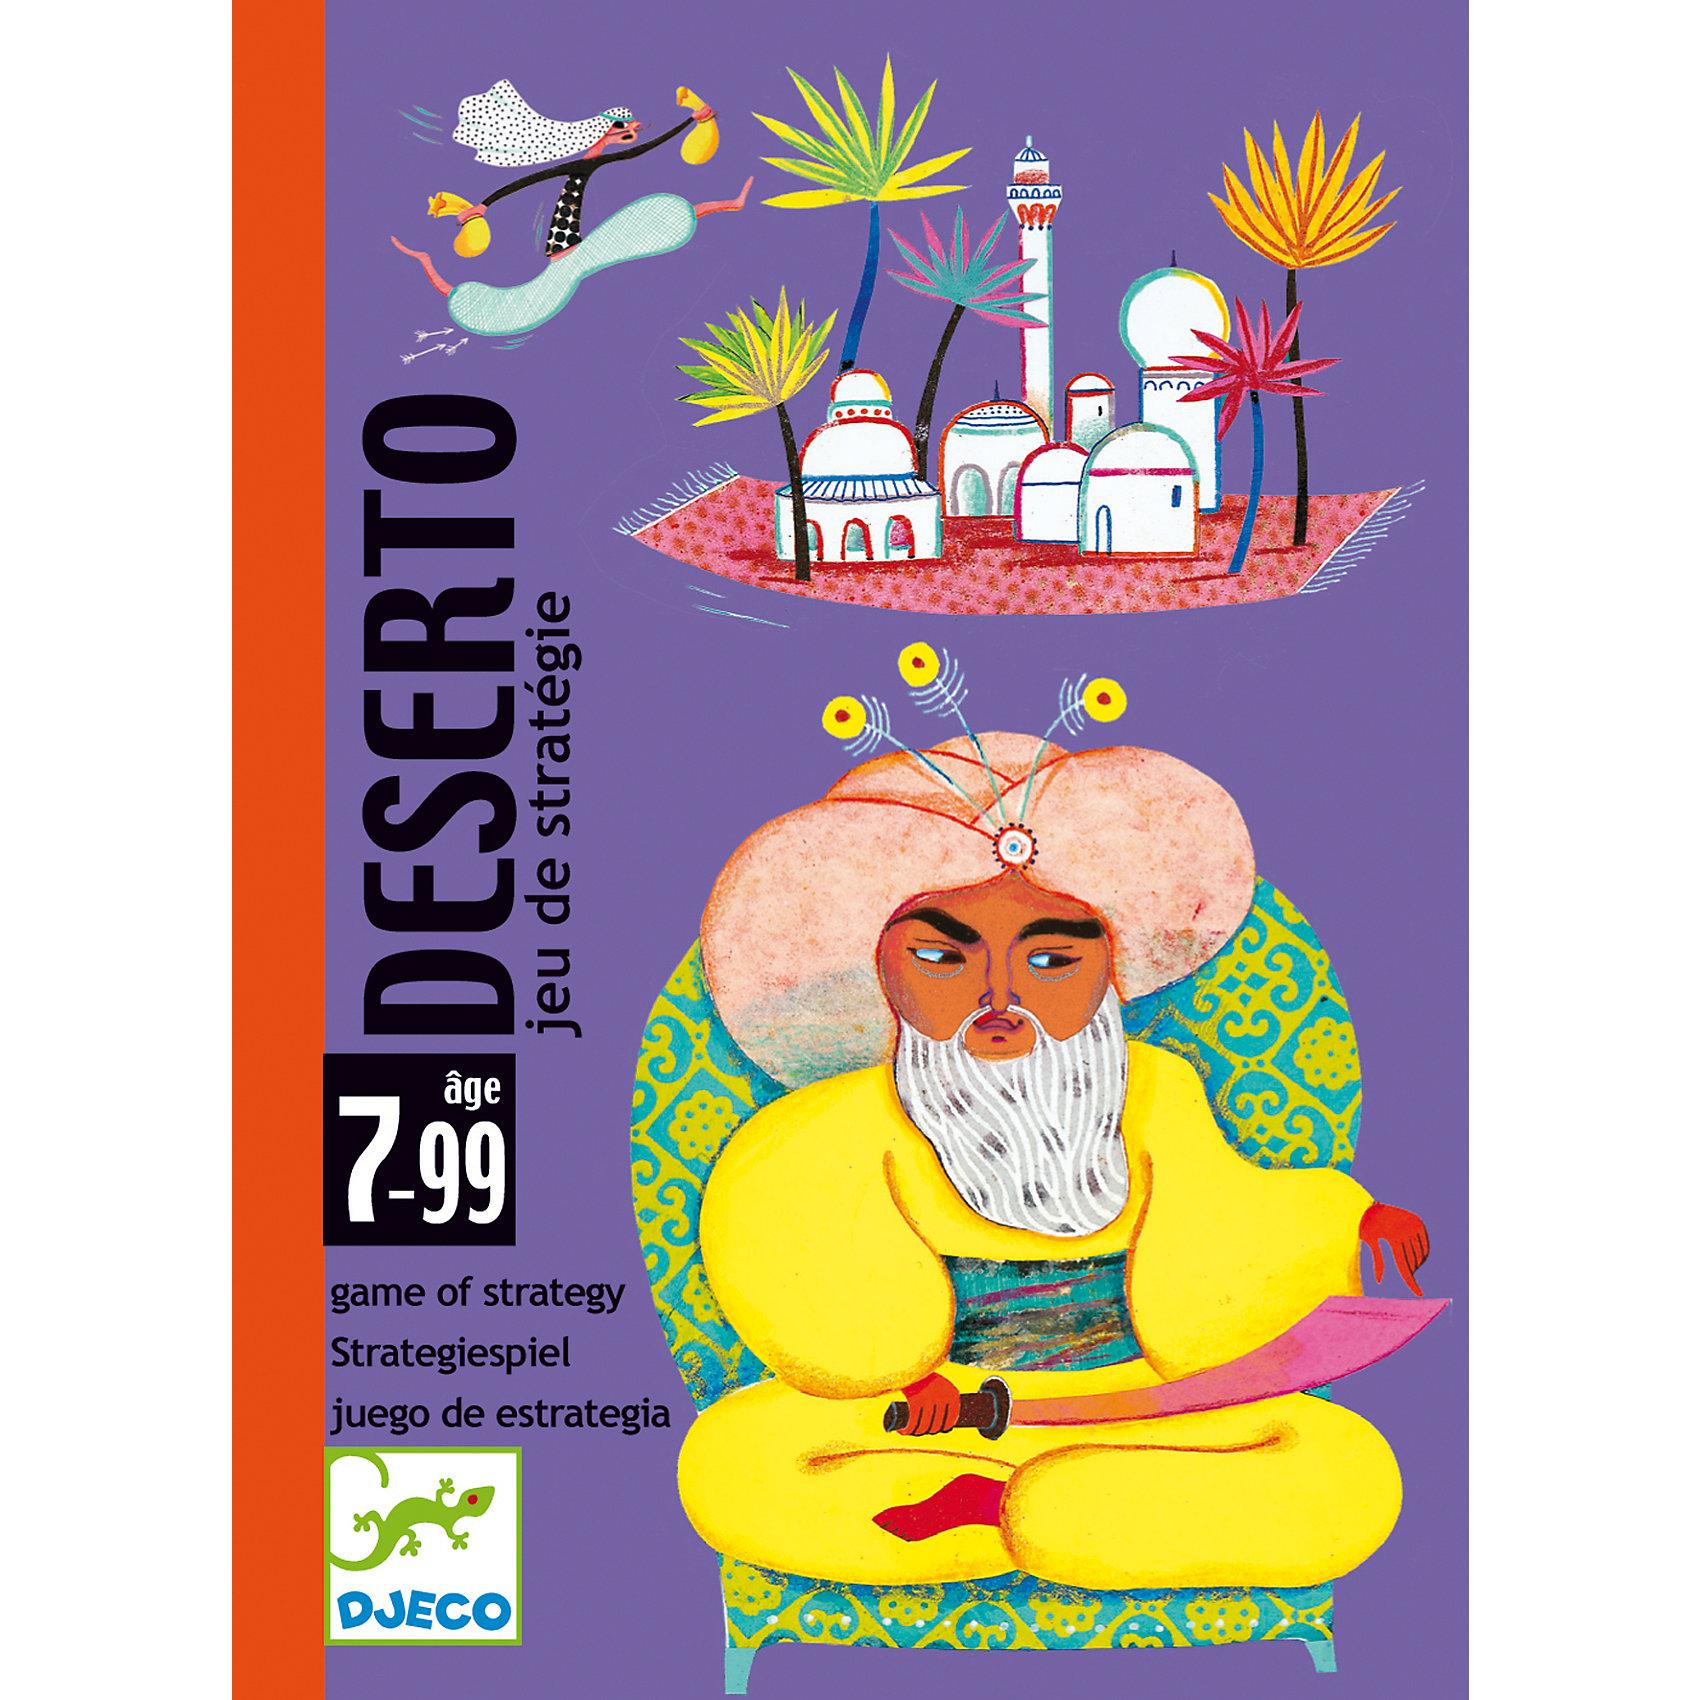 DJECO Карточная игра Десерто, DJECO игры для малышей djeco детская настольная карточная игра мини семья